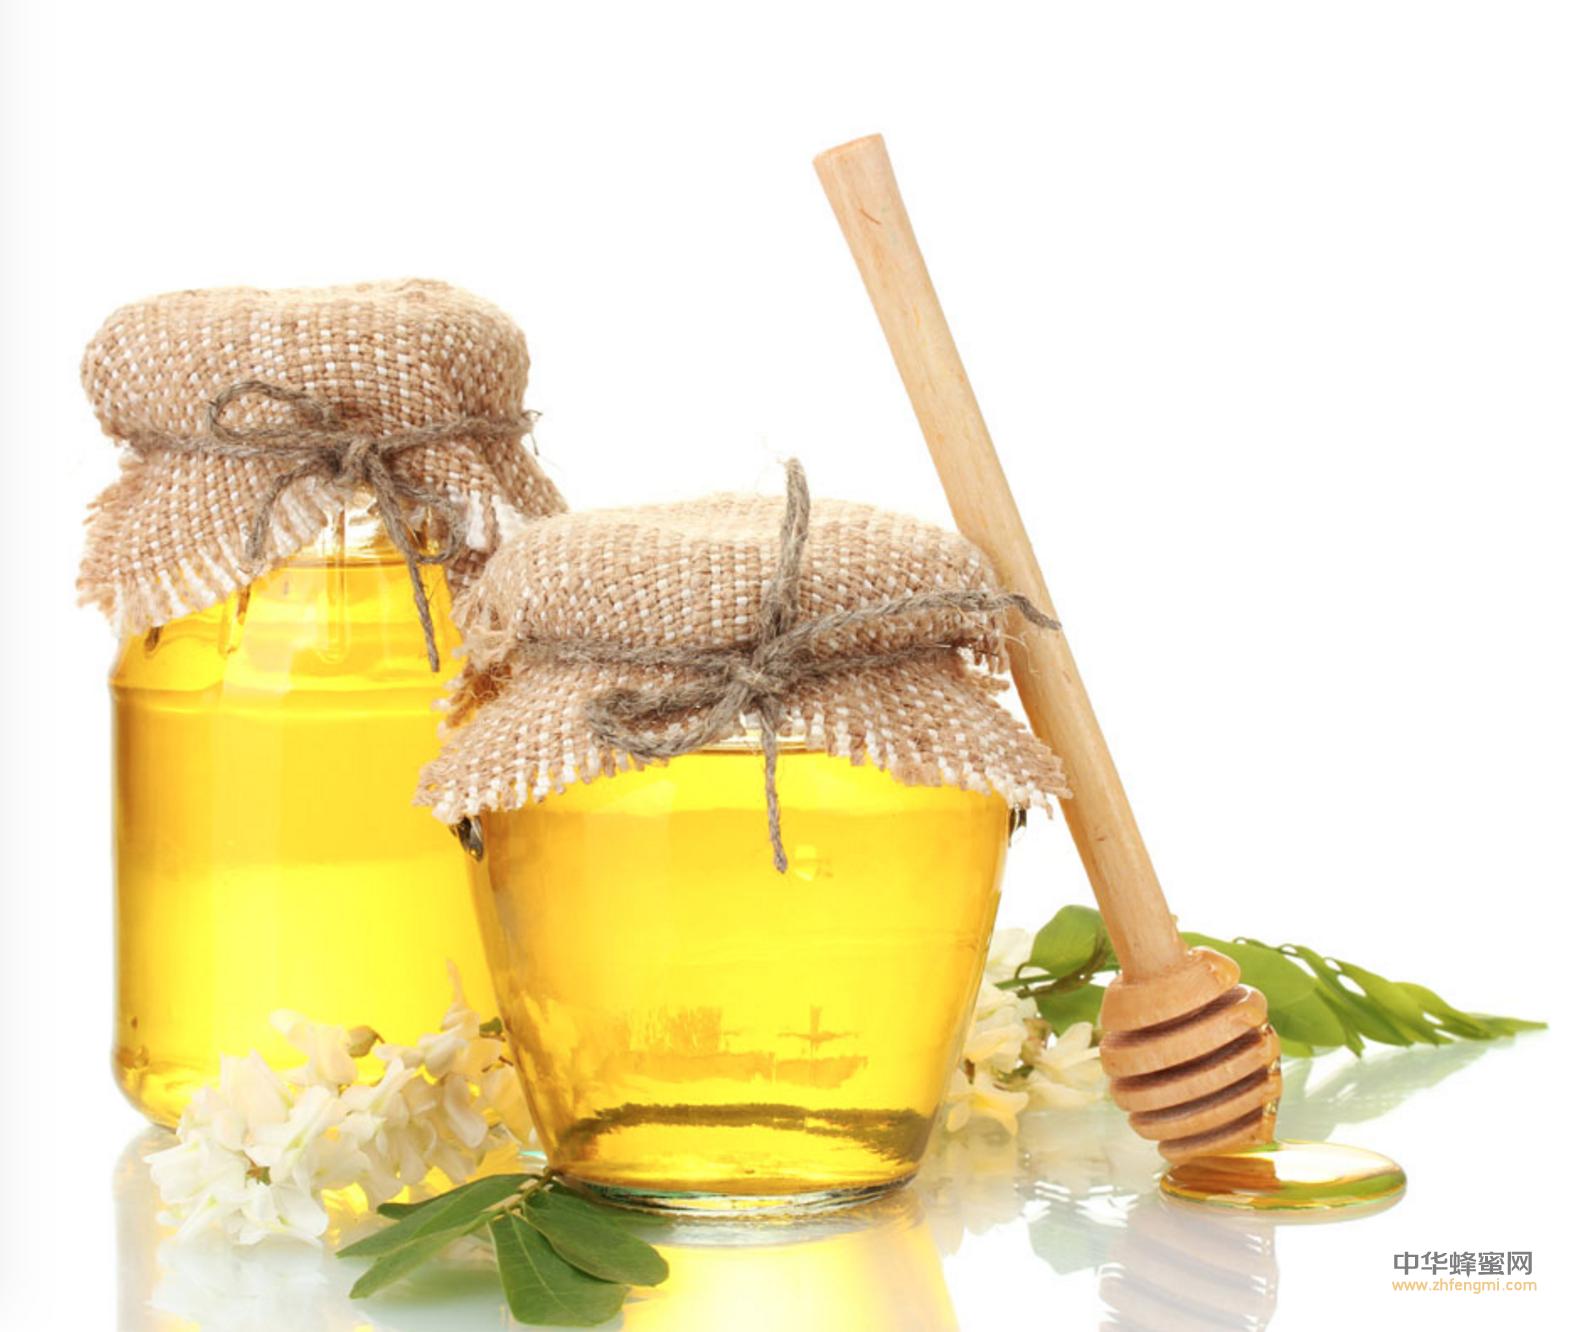 蜂蜜 蜂蜜的作用 营养成分